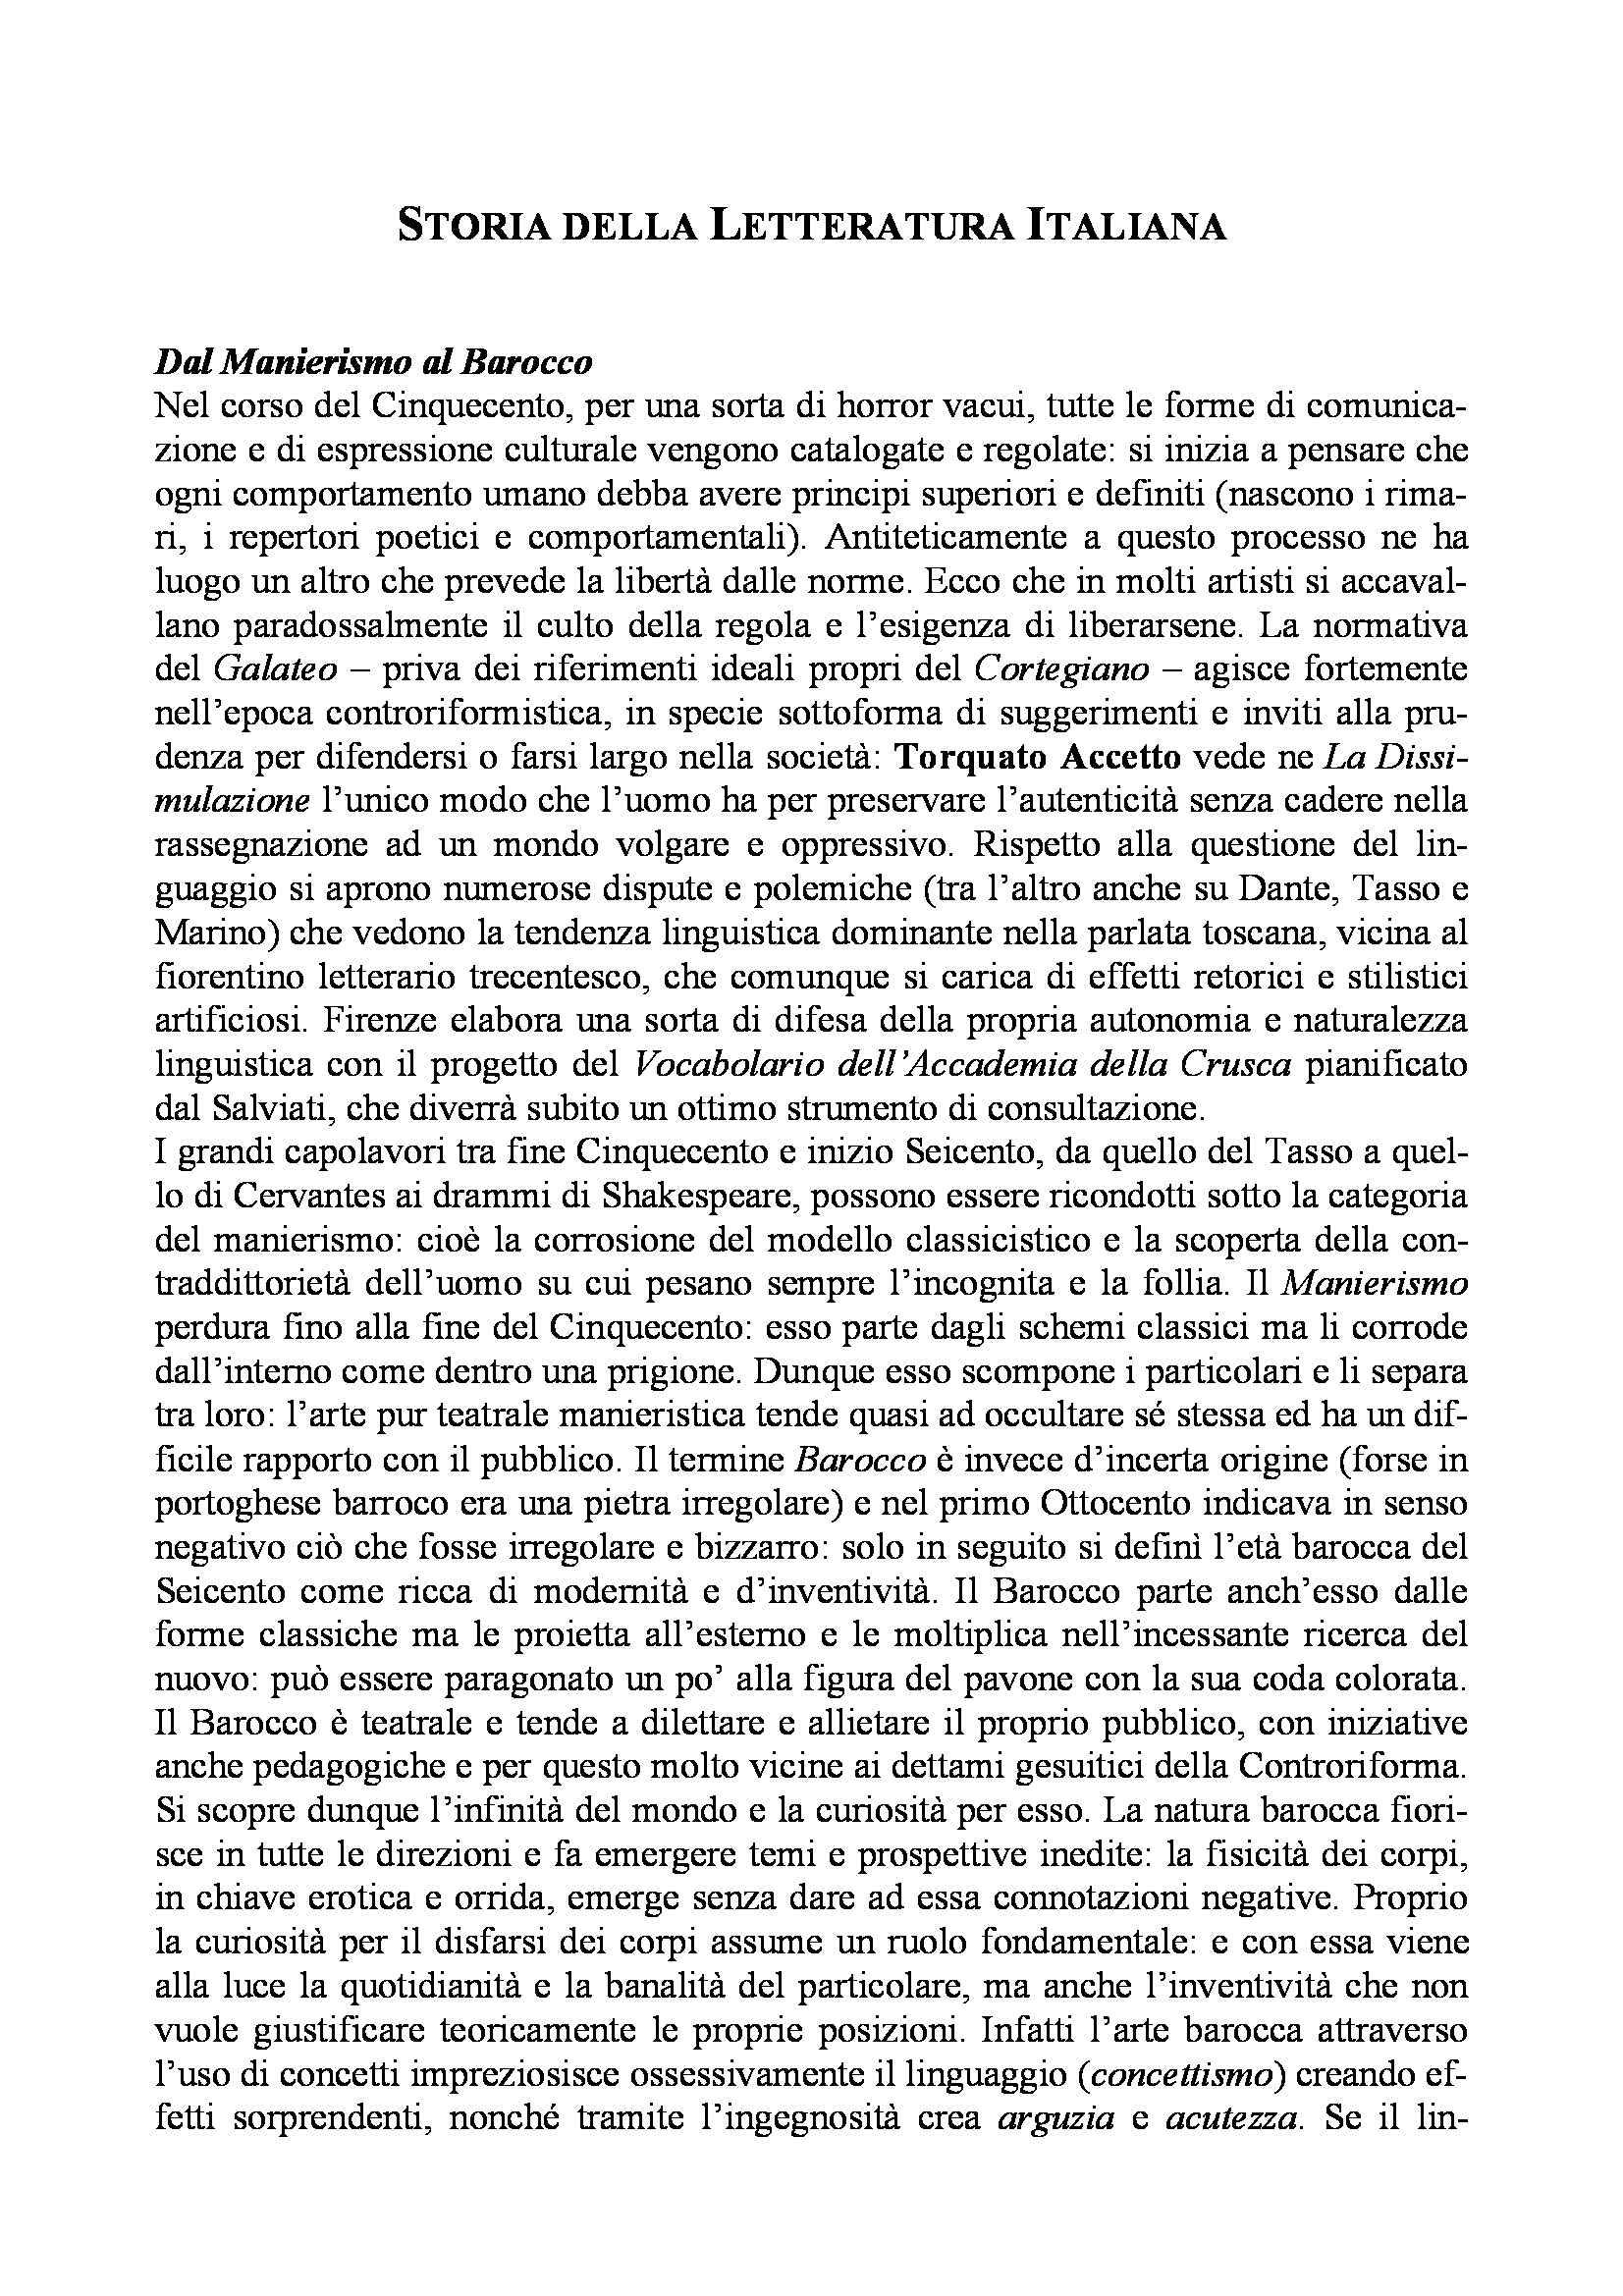 Letteratura italiana - manierismo, barocco, Arcadia e melodramma